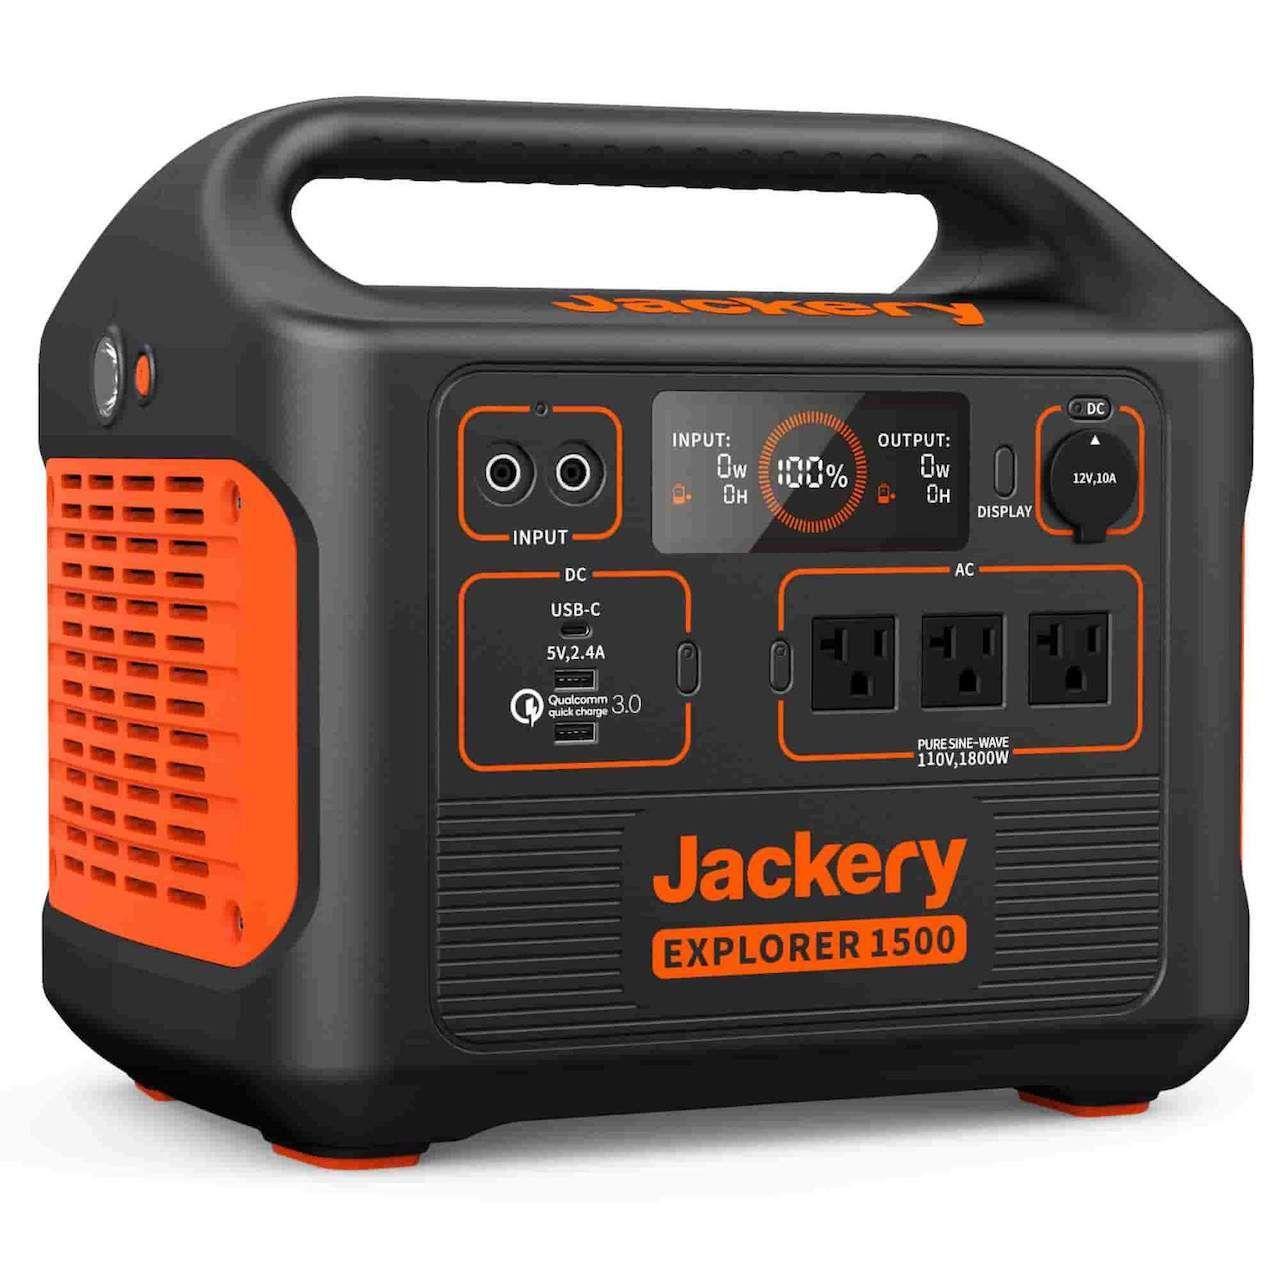 jackery-explorer-1500-fall-camping-gear